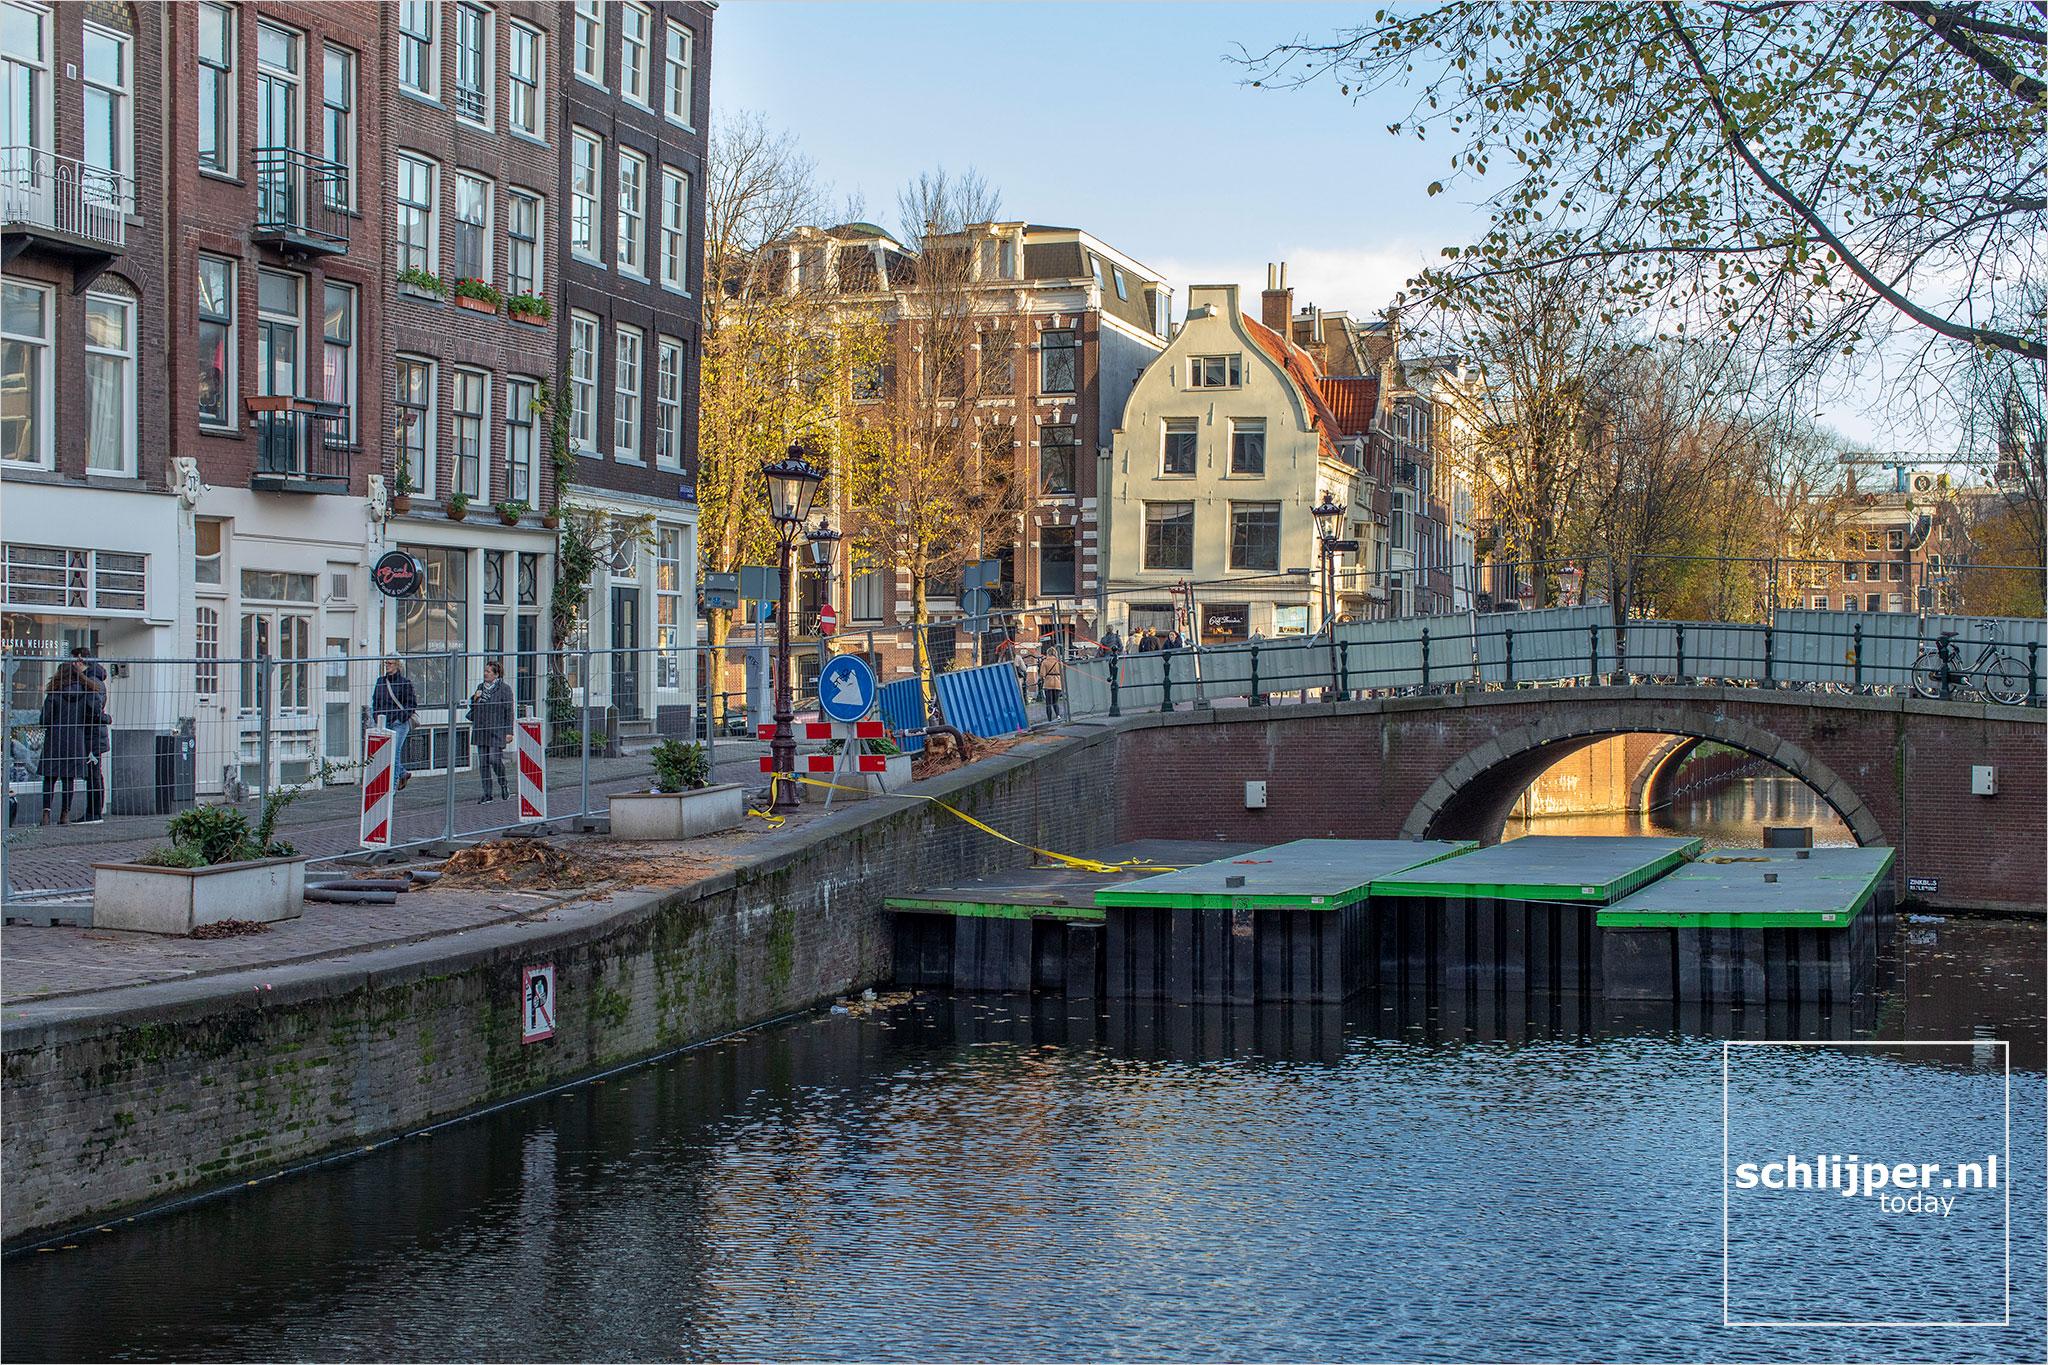 Nederland, Amsterdam, 23 november 2020